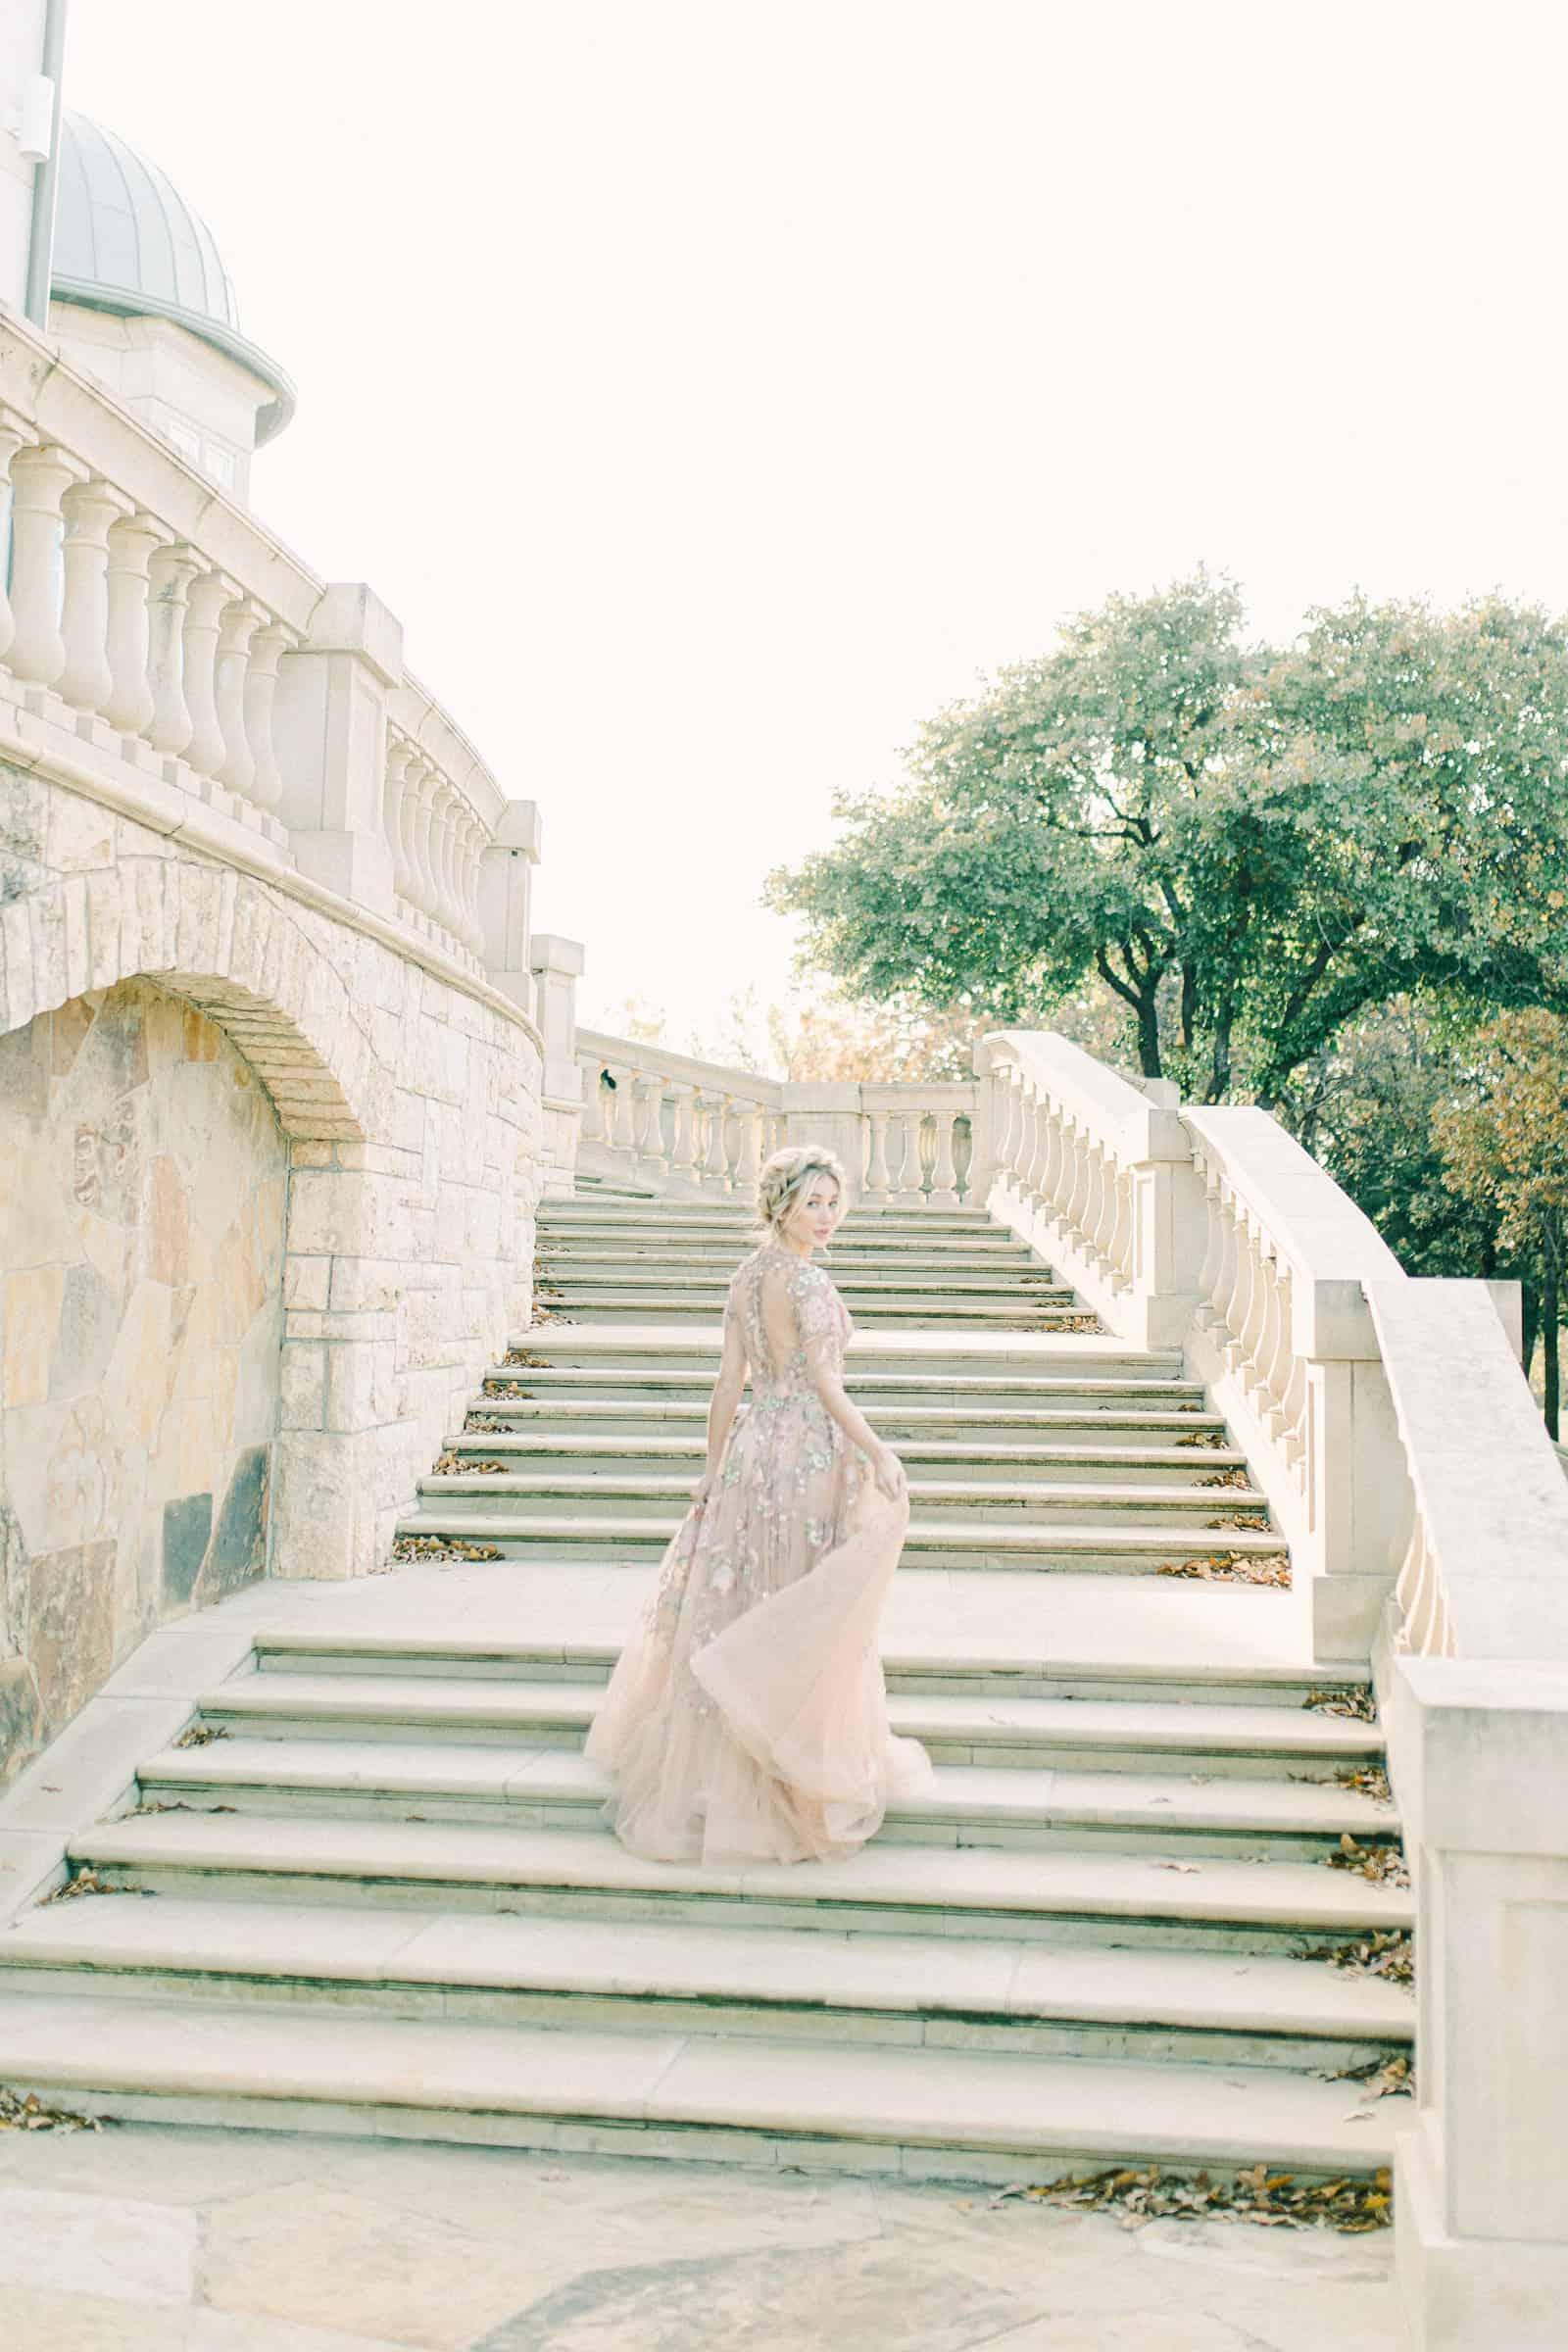 European mansion bride on staircase, destination wedding in Paris